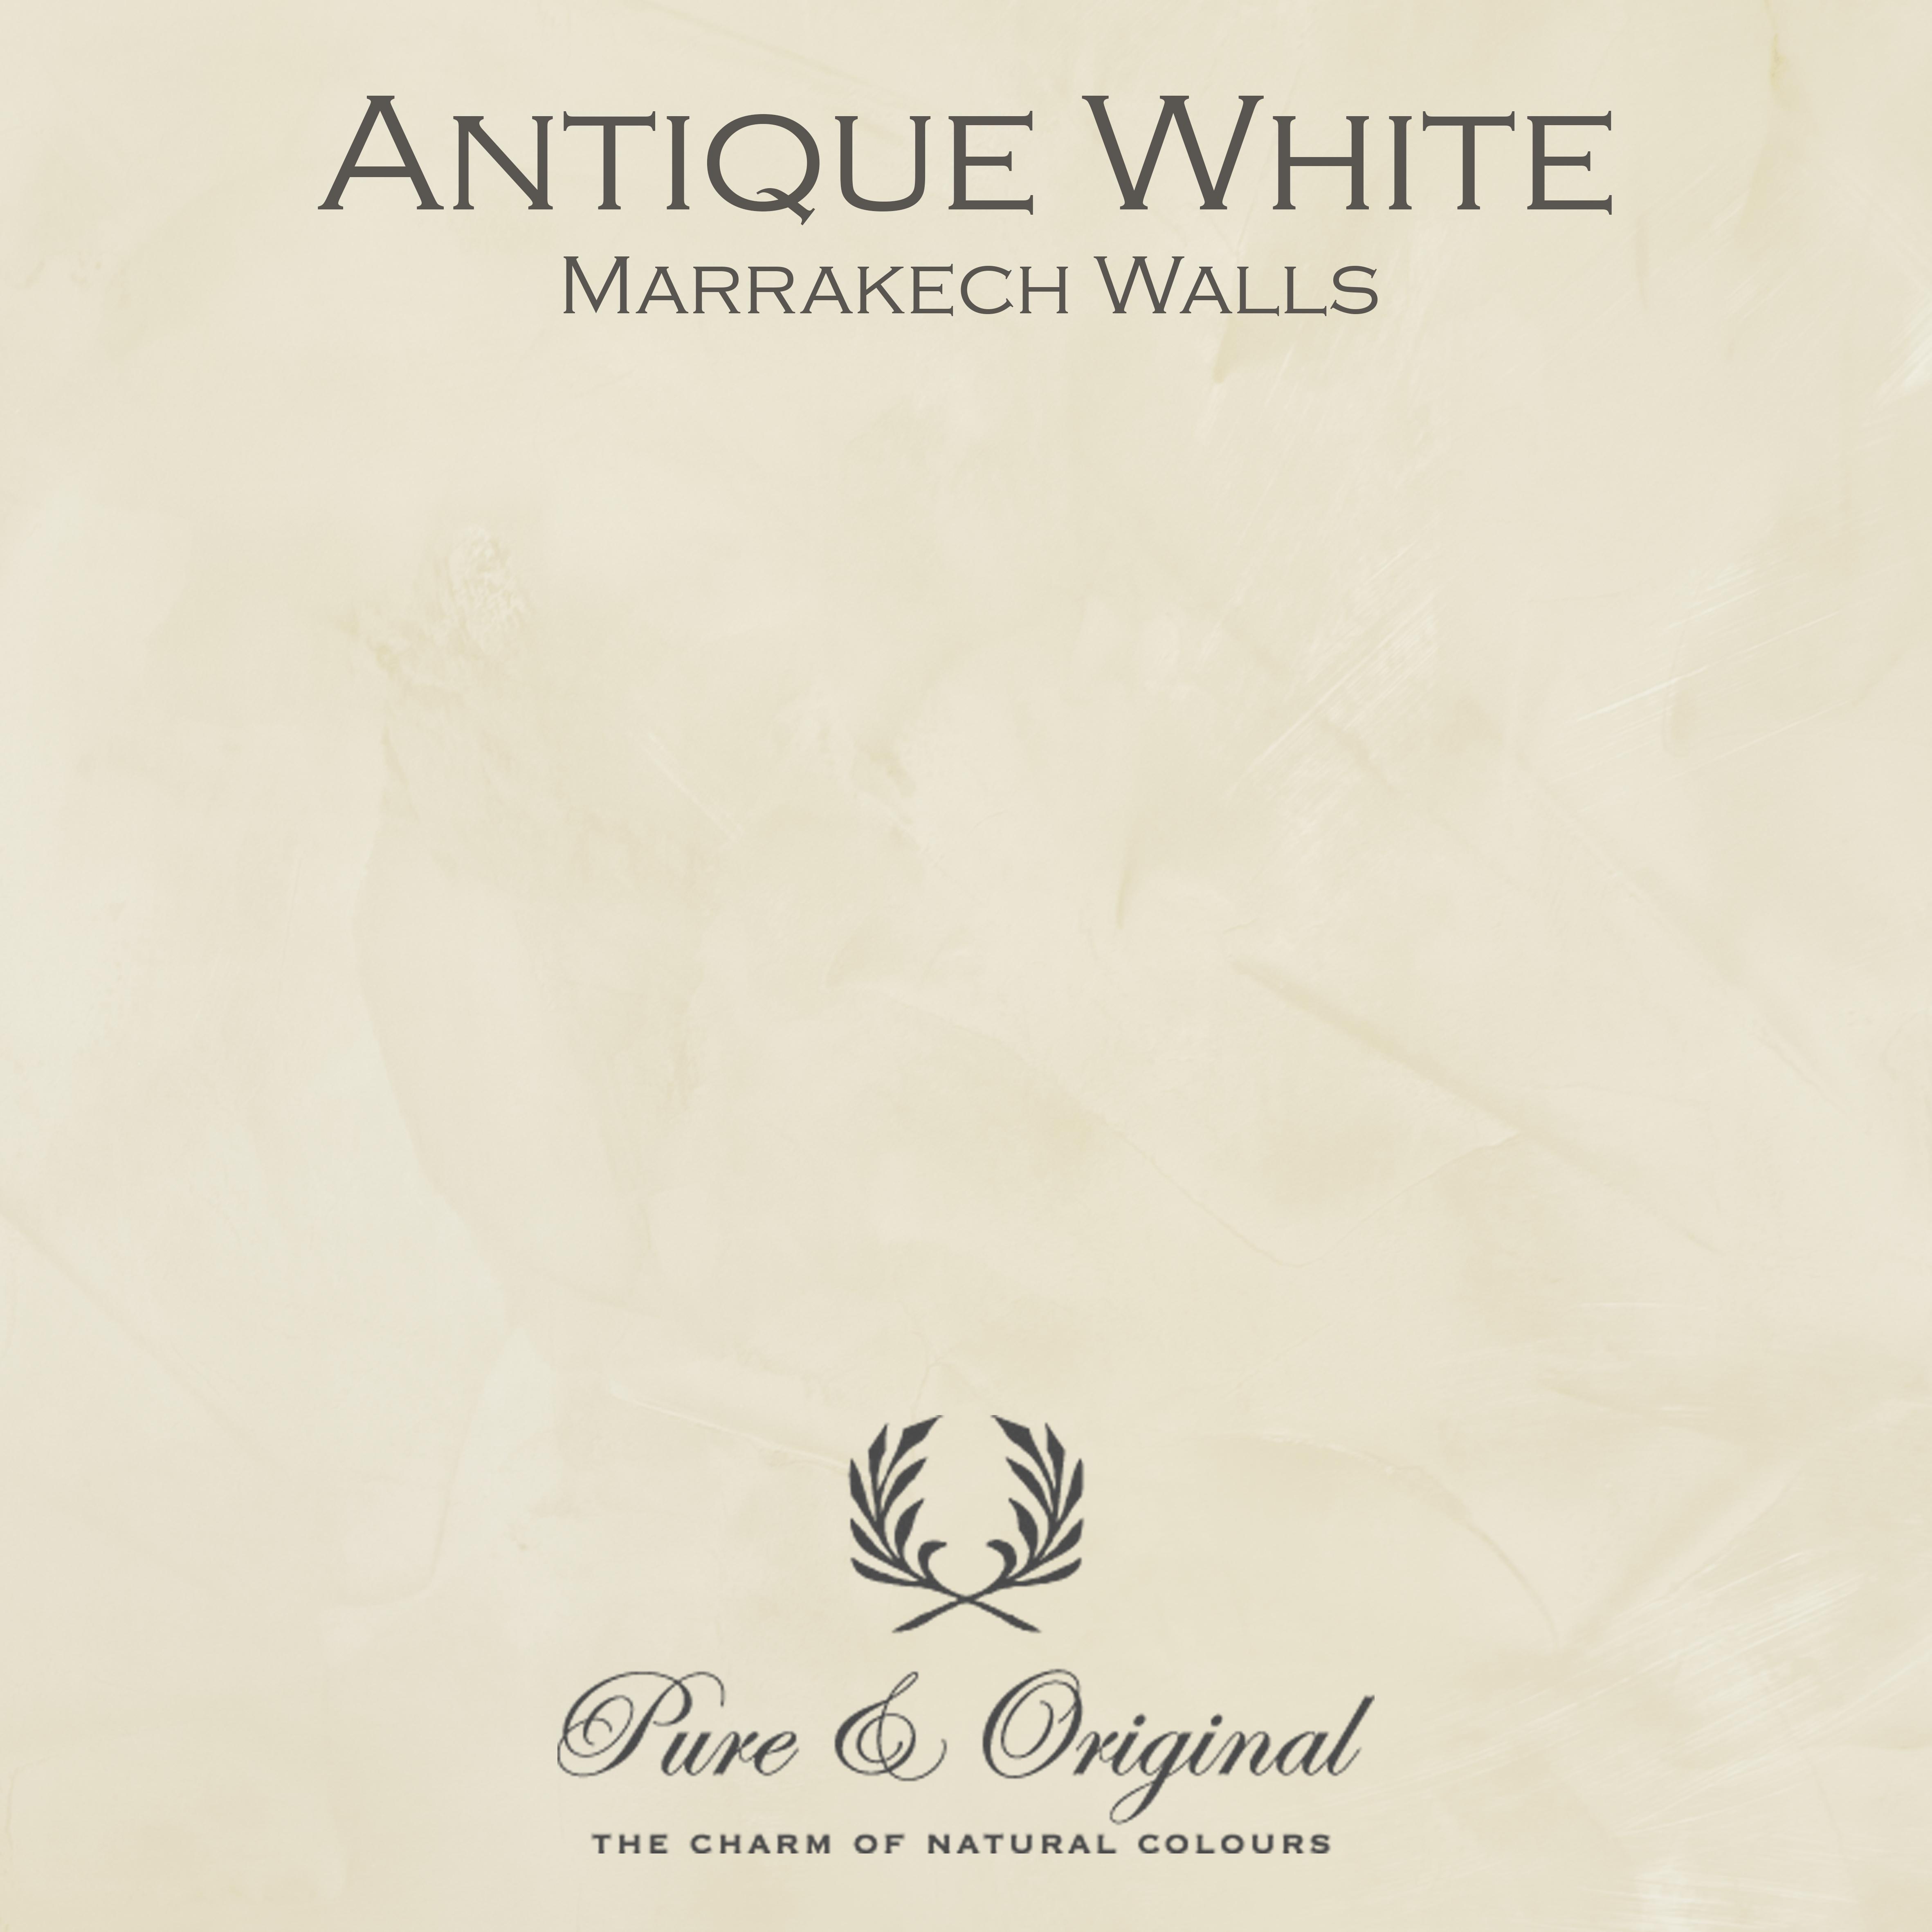 Kulör Antique White, Marrakech Walls kalkfärg